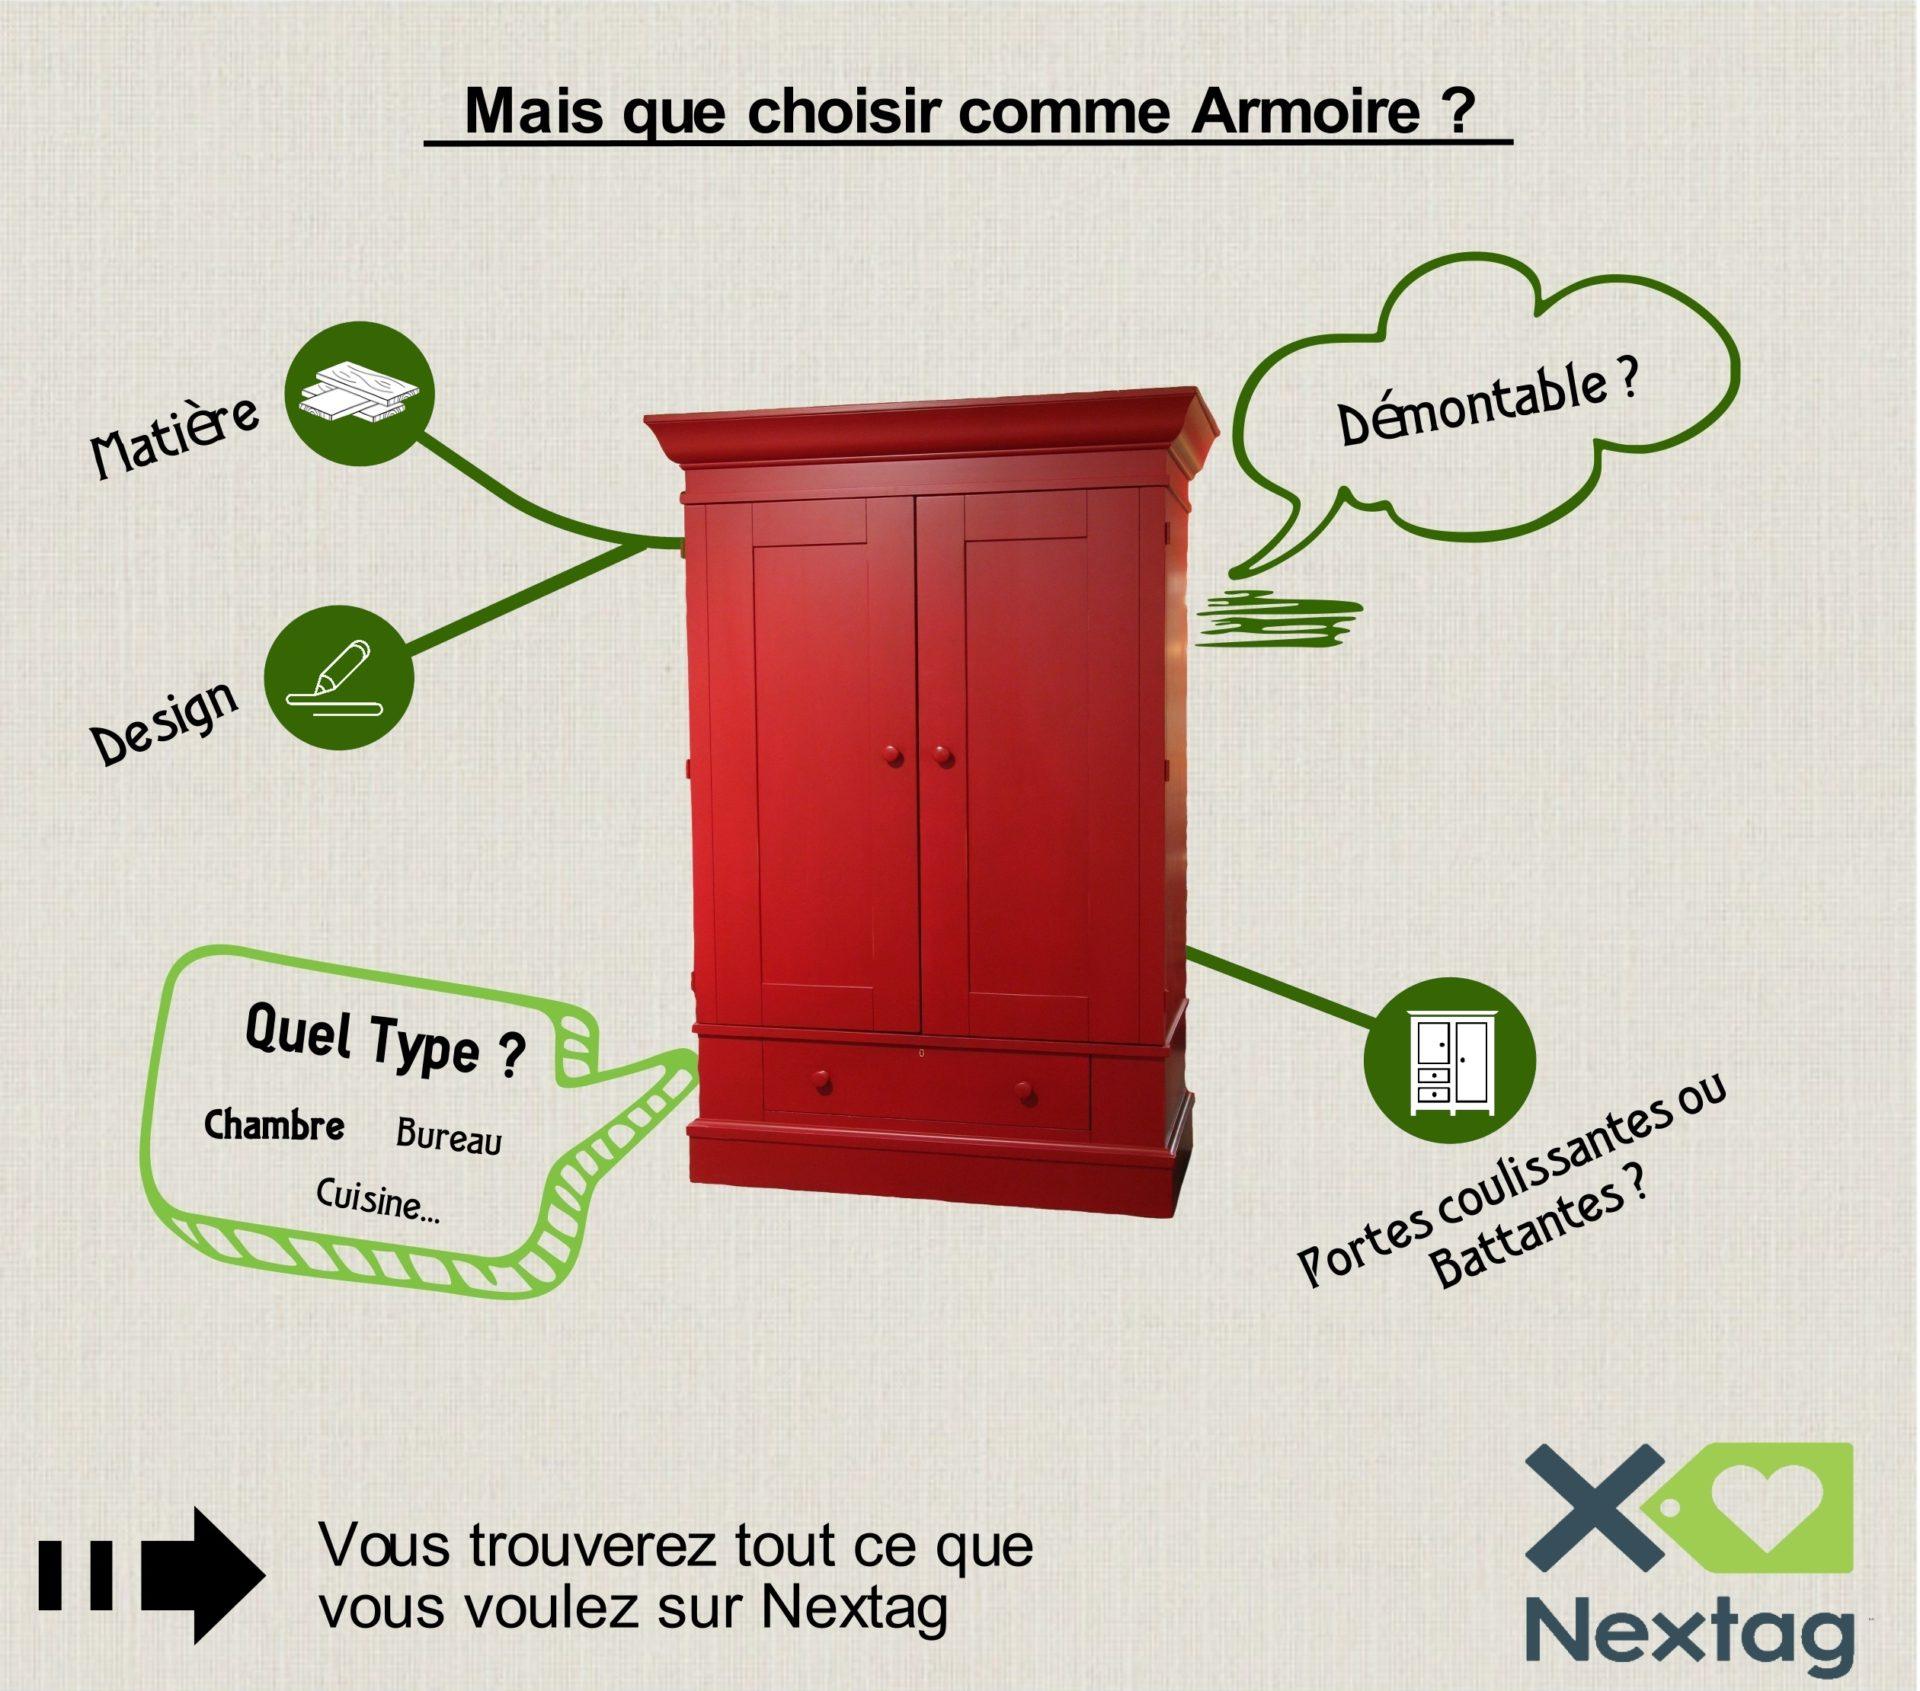 armoire_Nextag